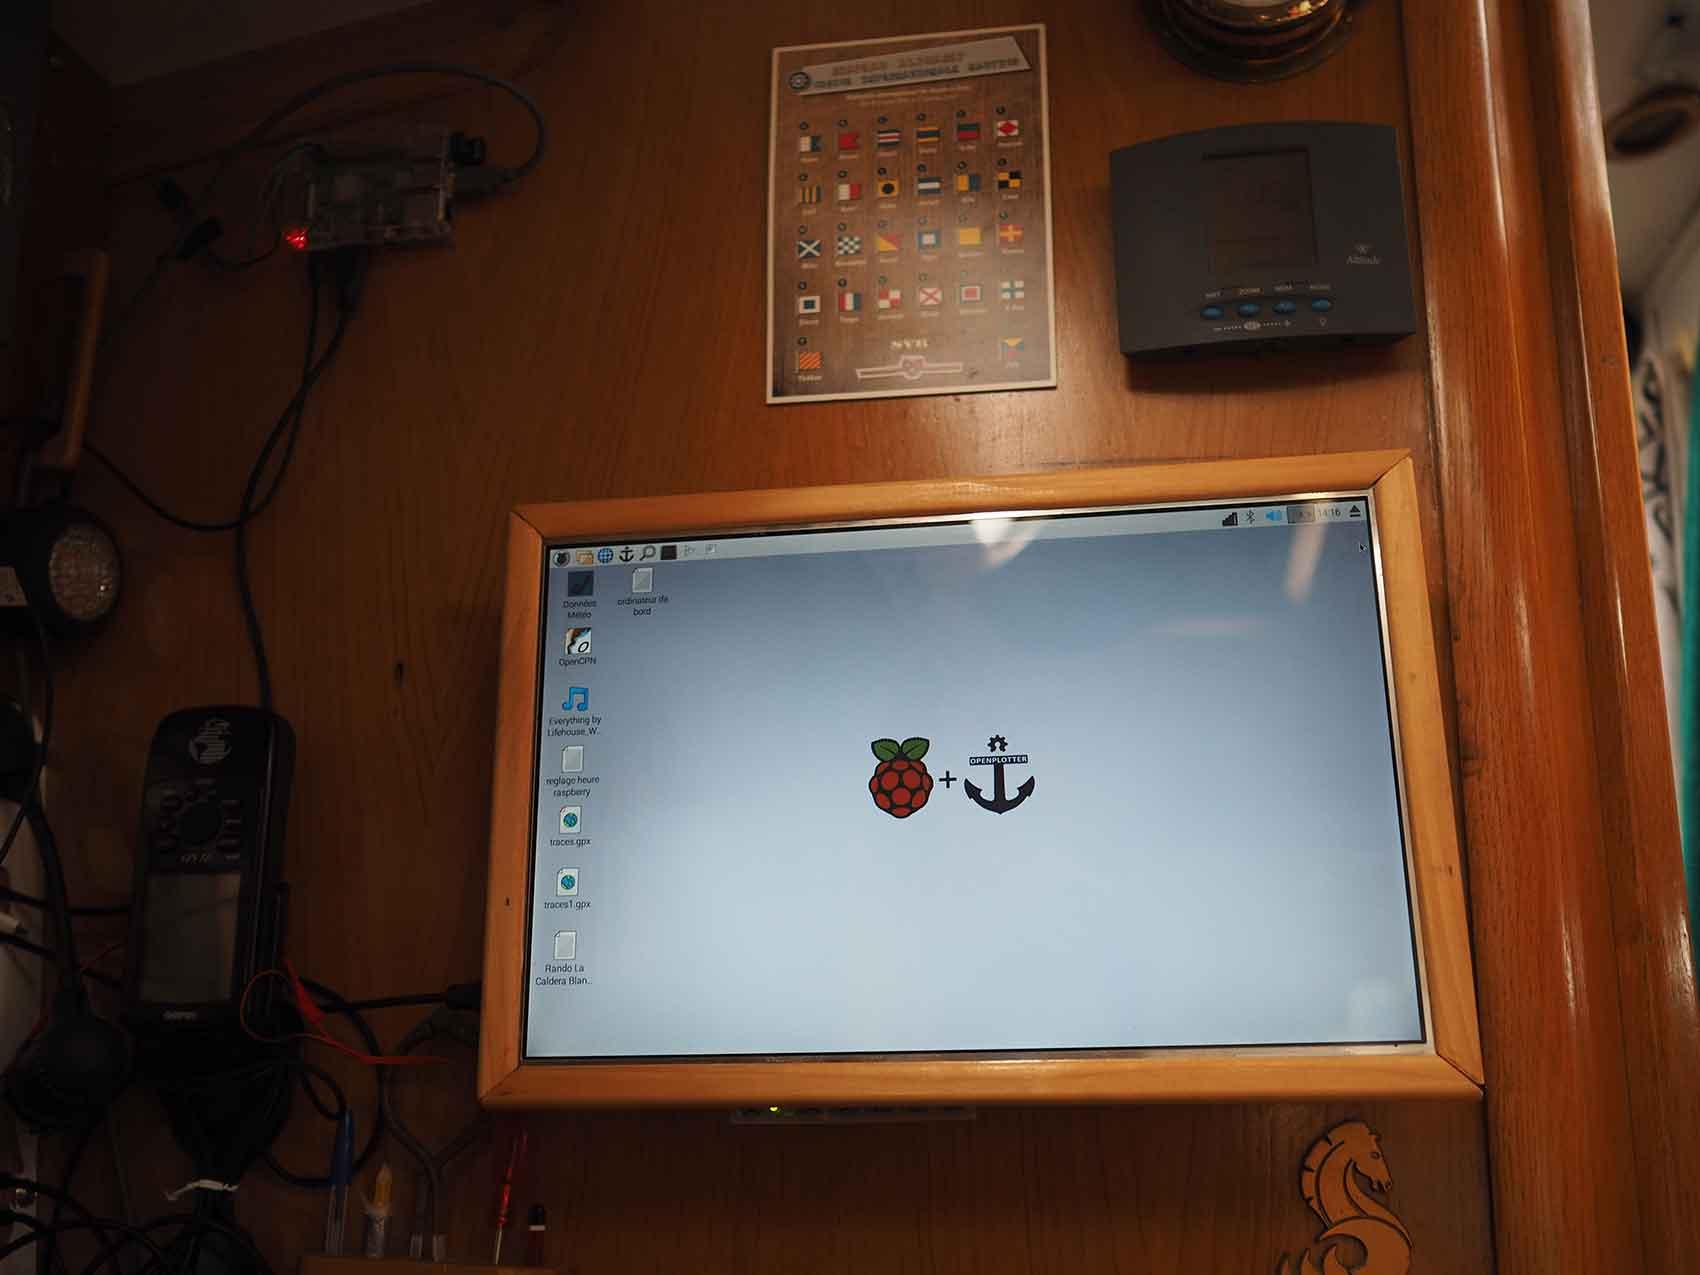 Installation du système OpenPlotter sur un Raspberry Pi 3